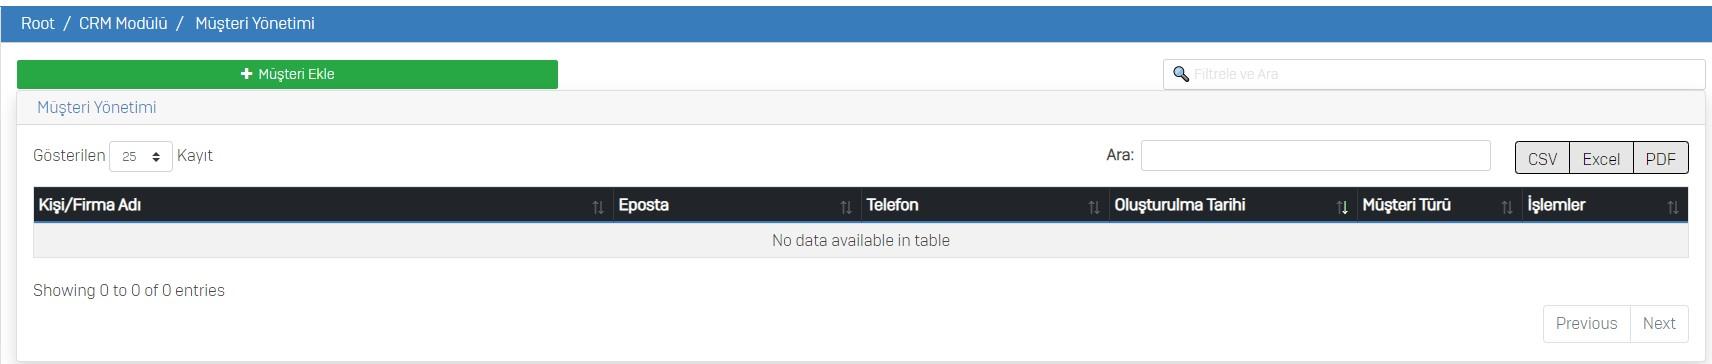 crm musteri yonetimi 1 - Sahra Telekom CRM Modülü Kullanımı